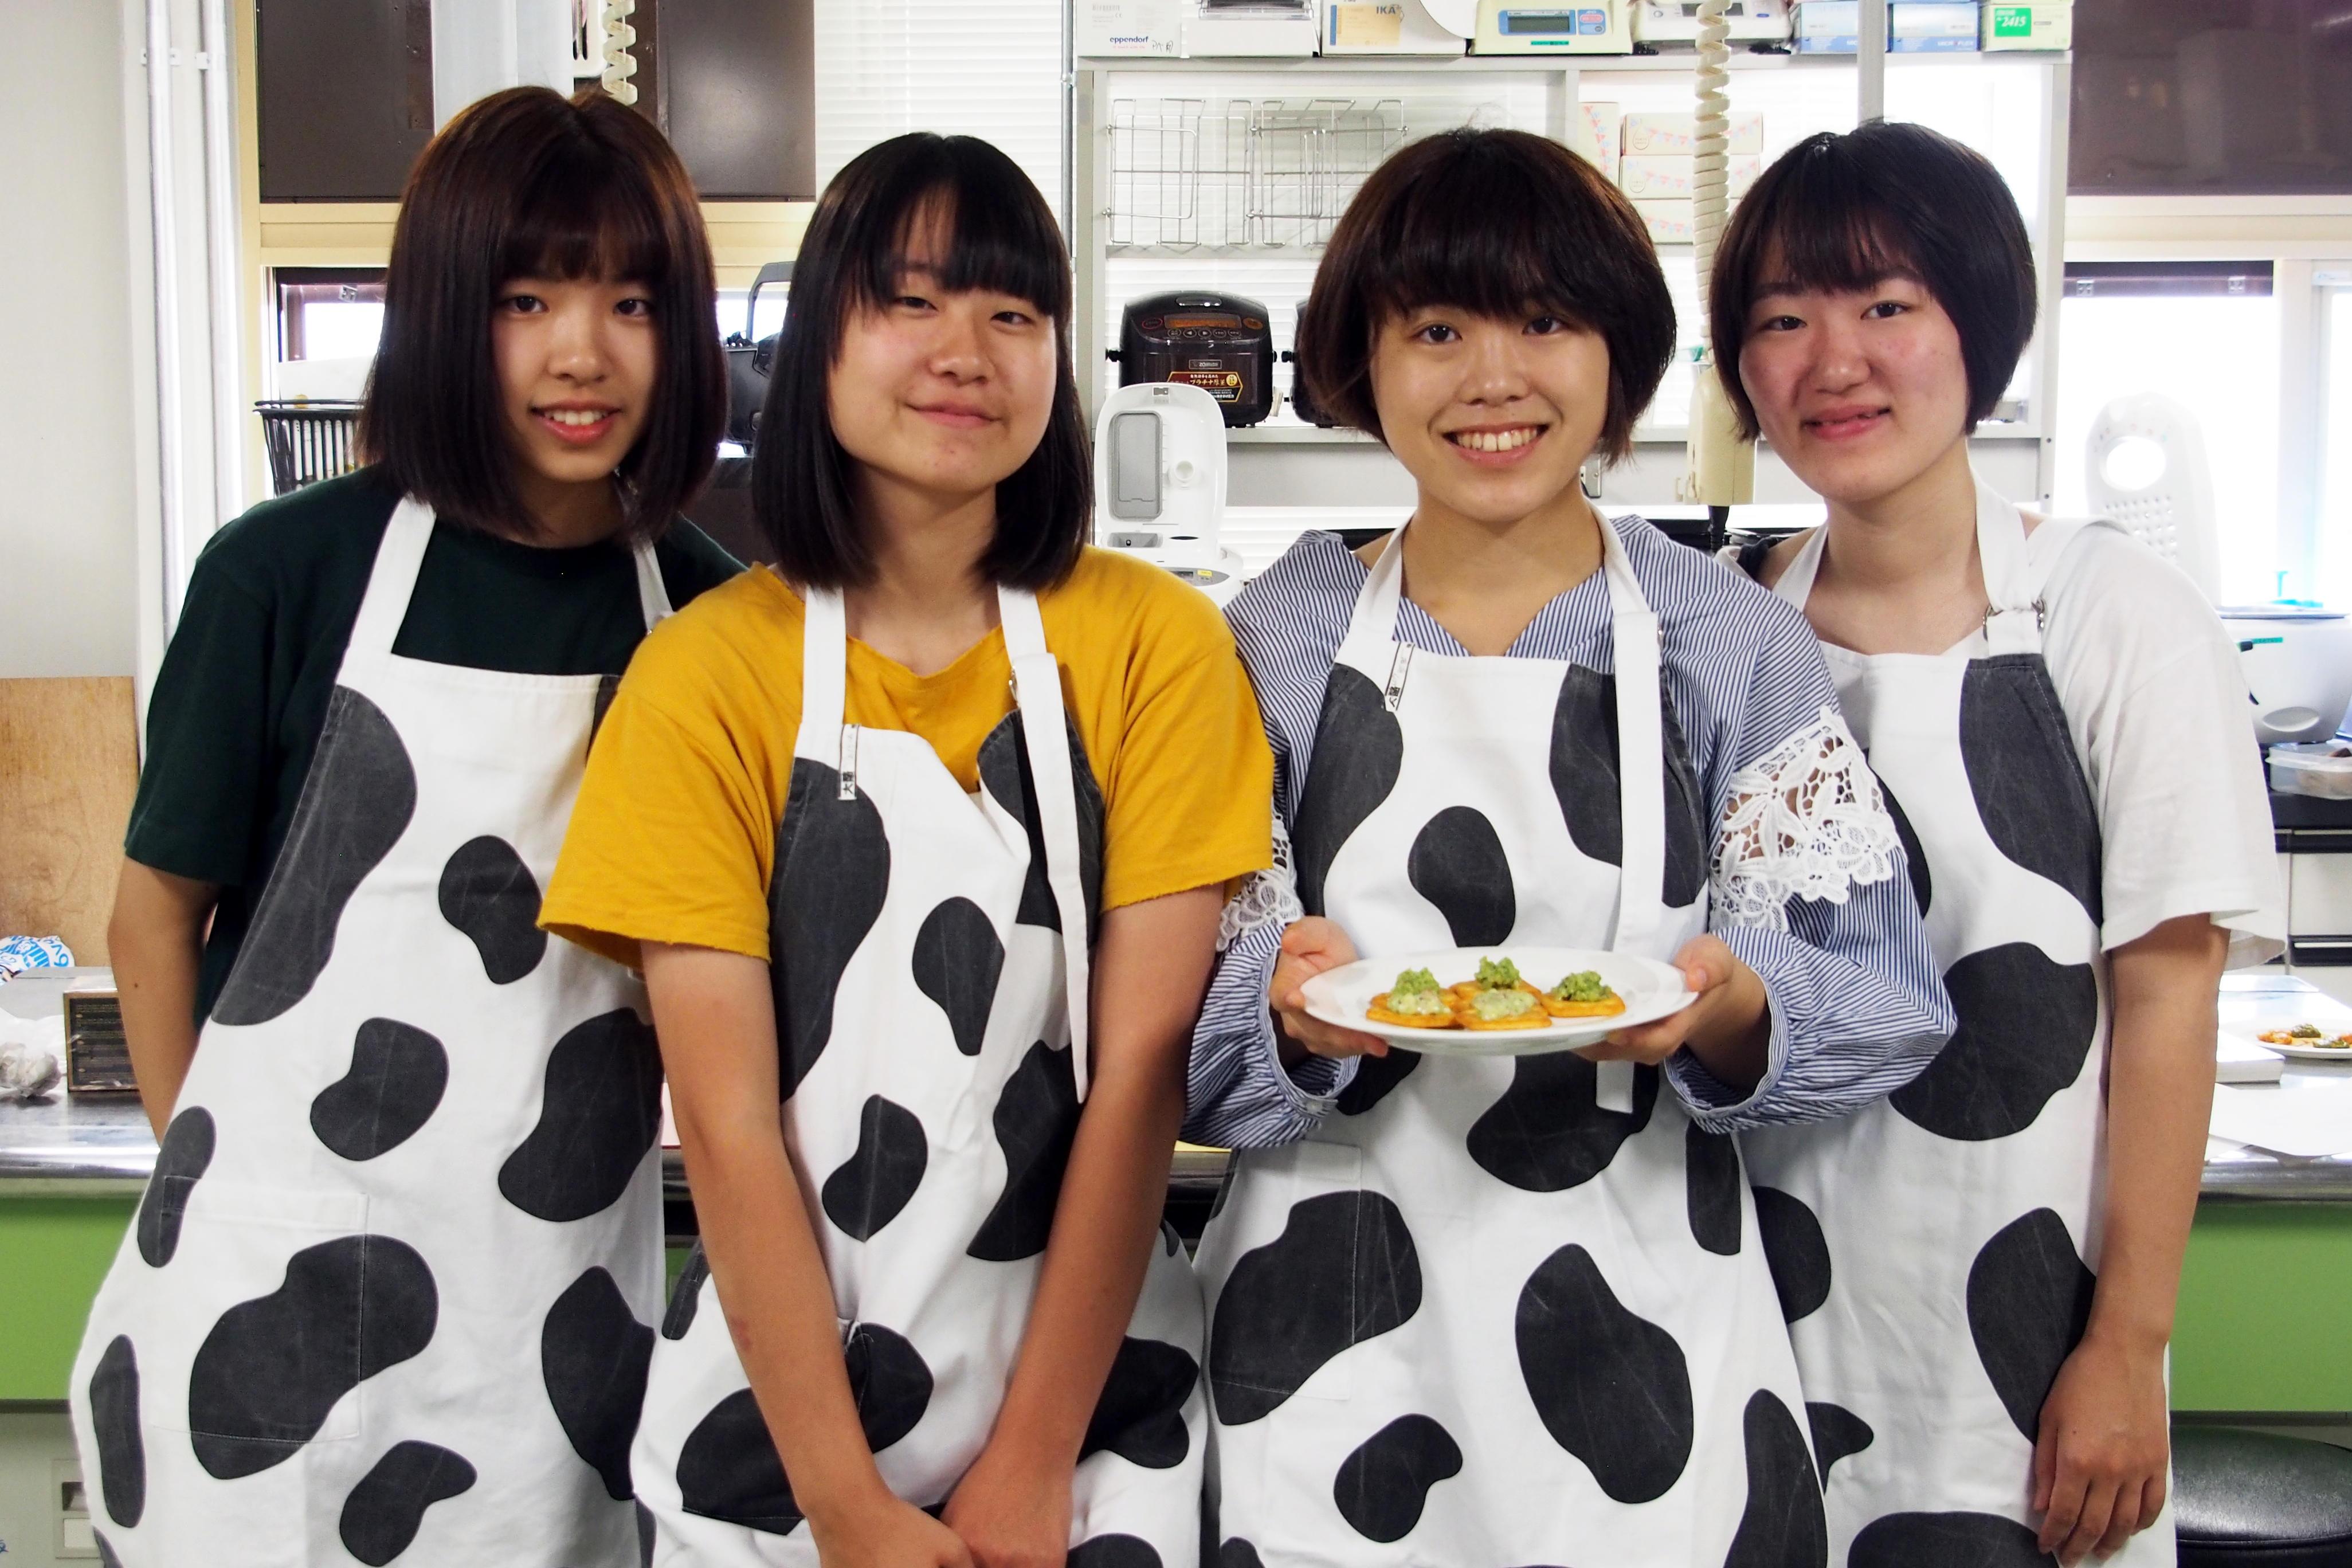 酪農学園大学が8月25日の「まるごと江別2018」に江別産ブロッコリーを使った食べるドレッシングを出展 -- 飲食ブースではマーケティング研究室で考案したメニューの販売も